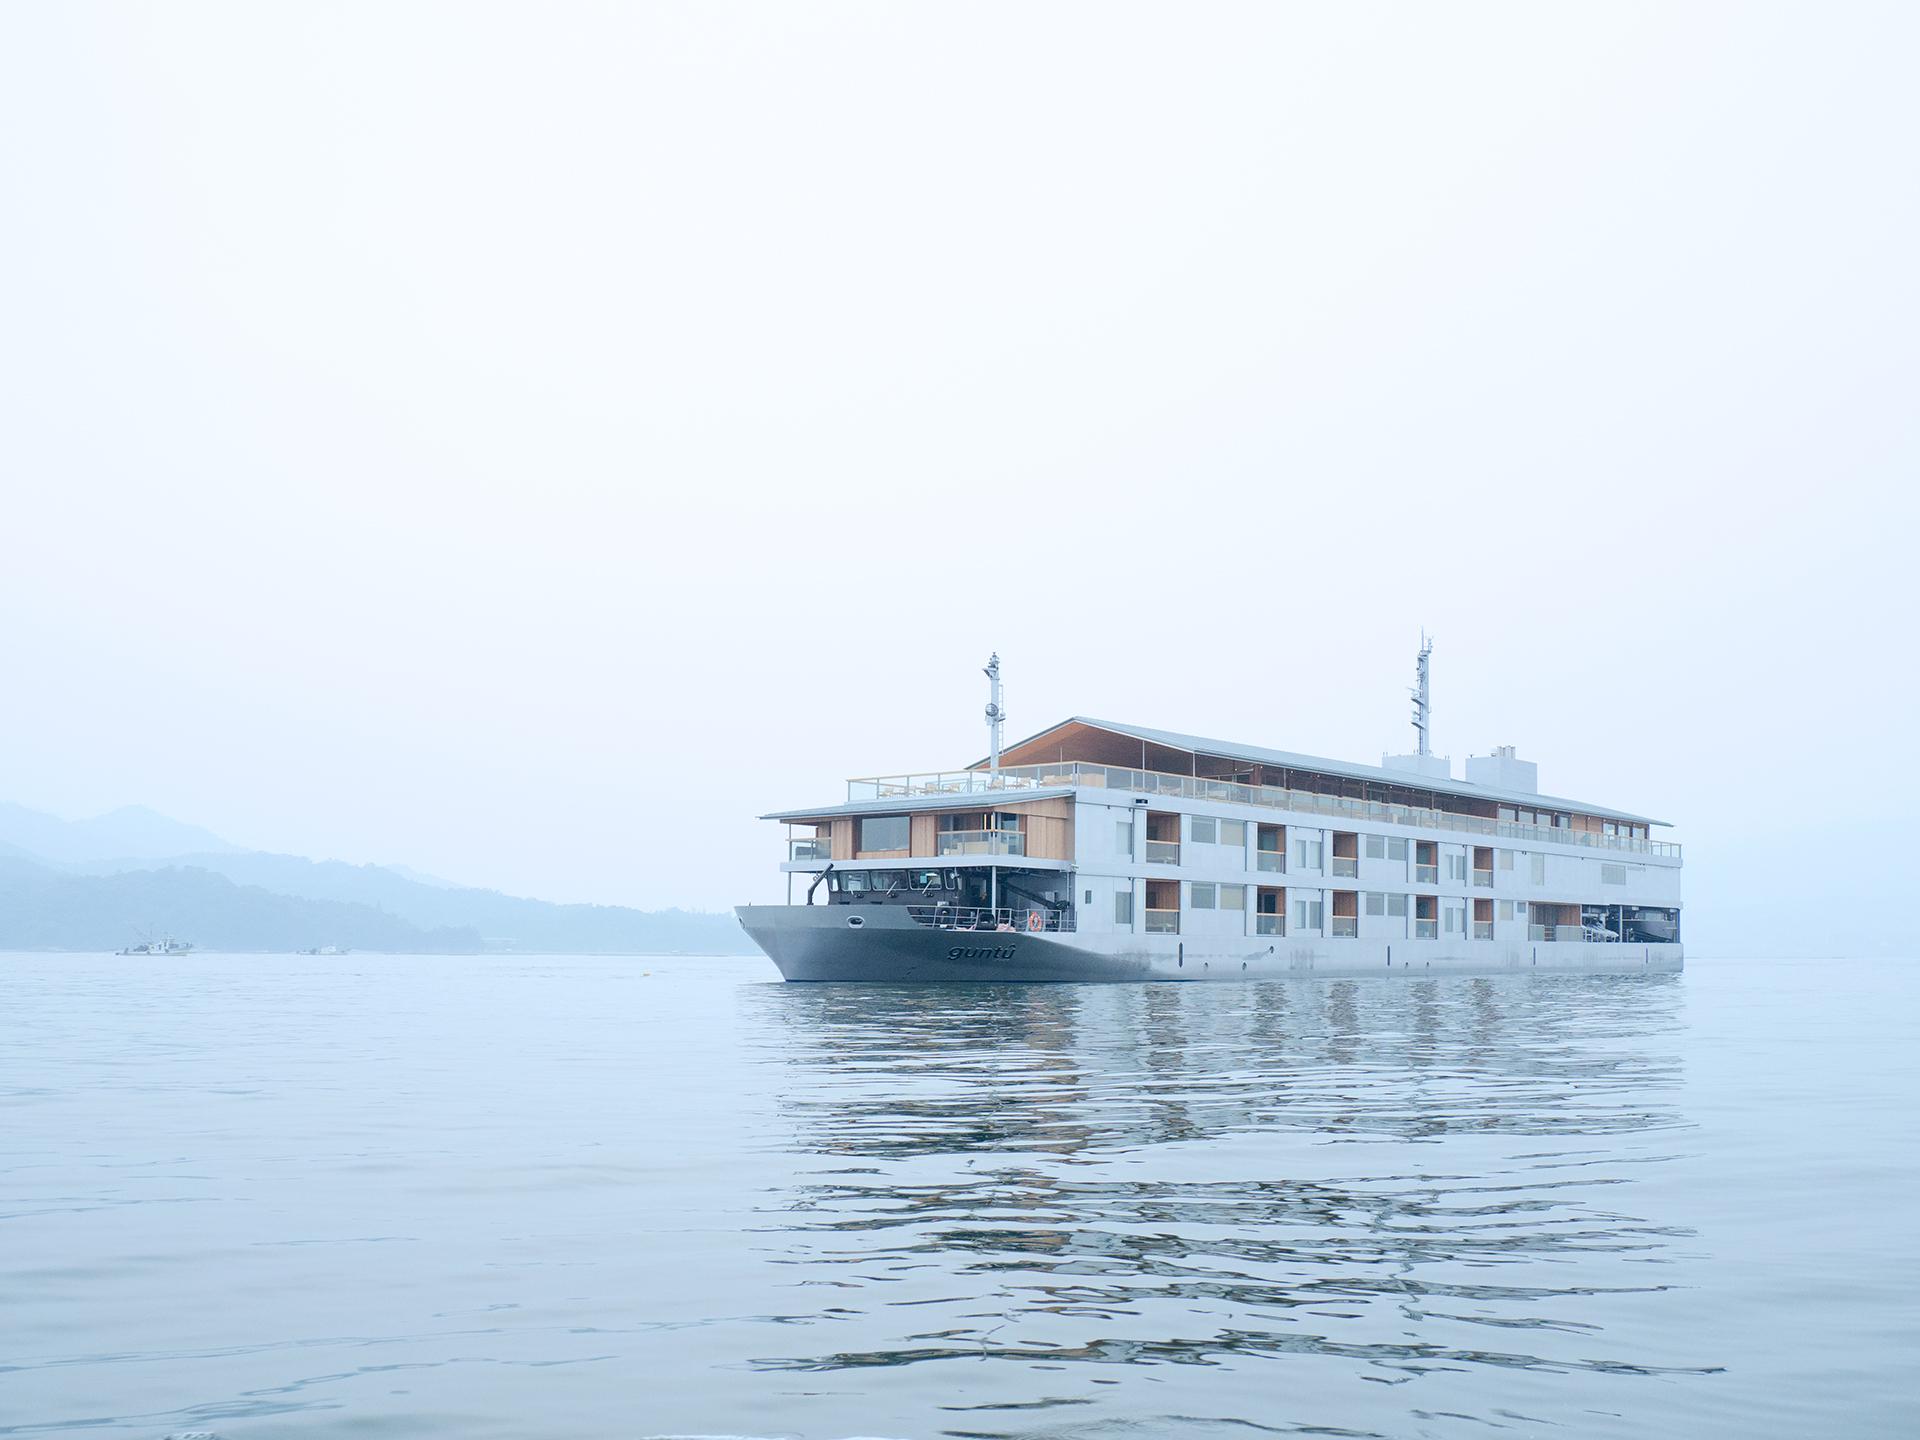 Guntu, il floating hotel che naviga le coste giapponesi | Collater.al 6